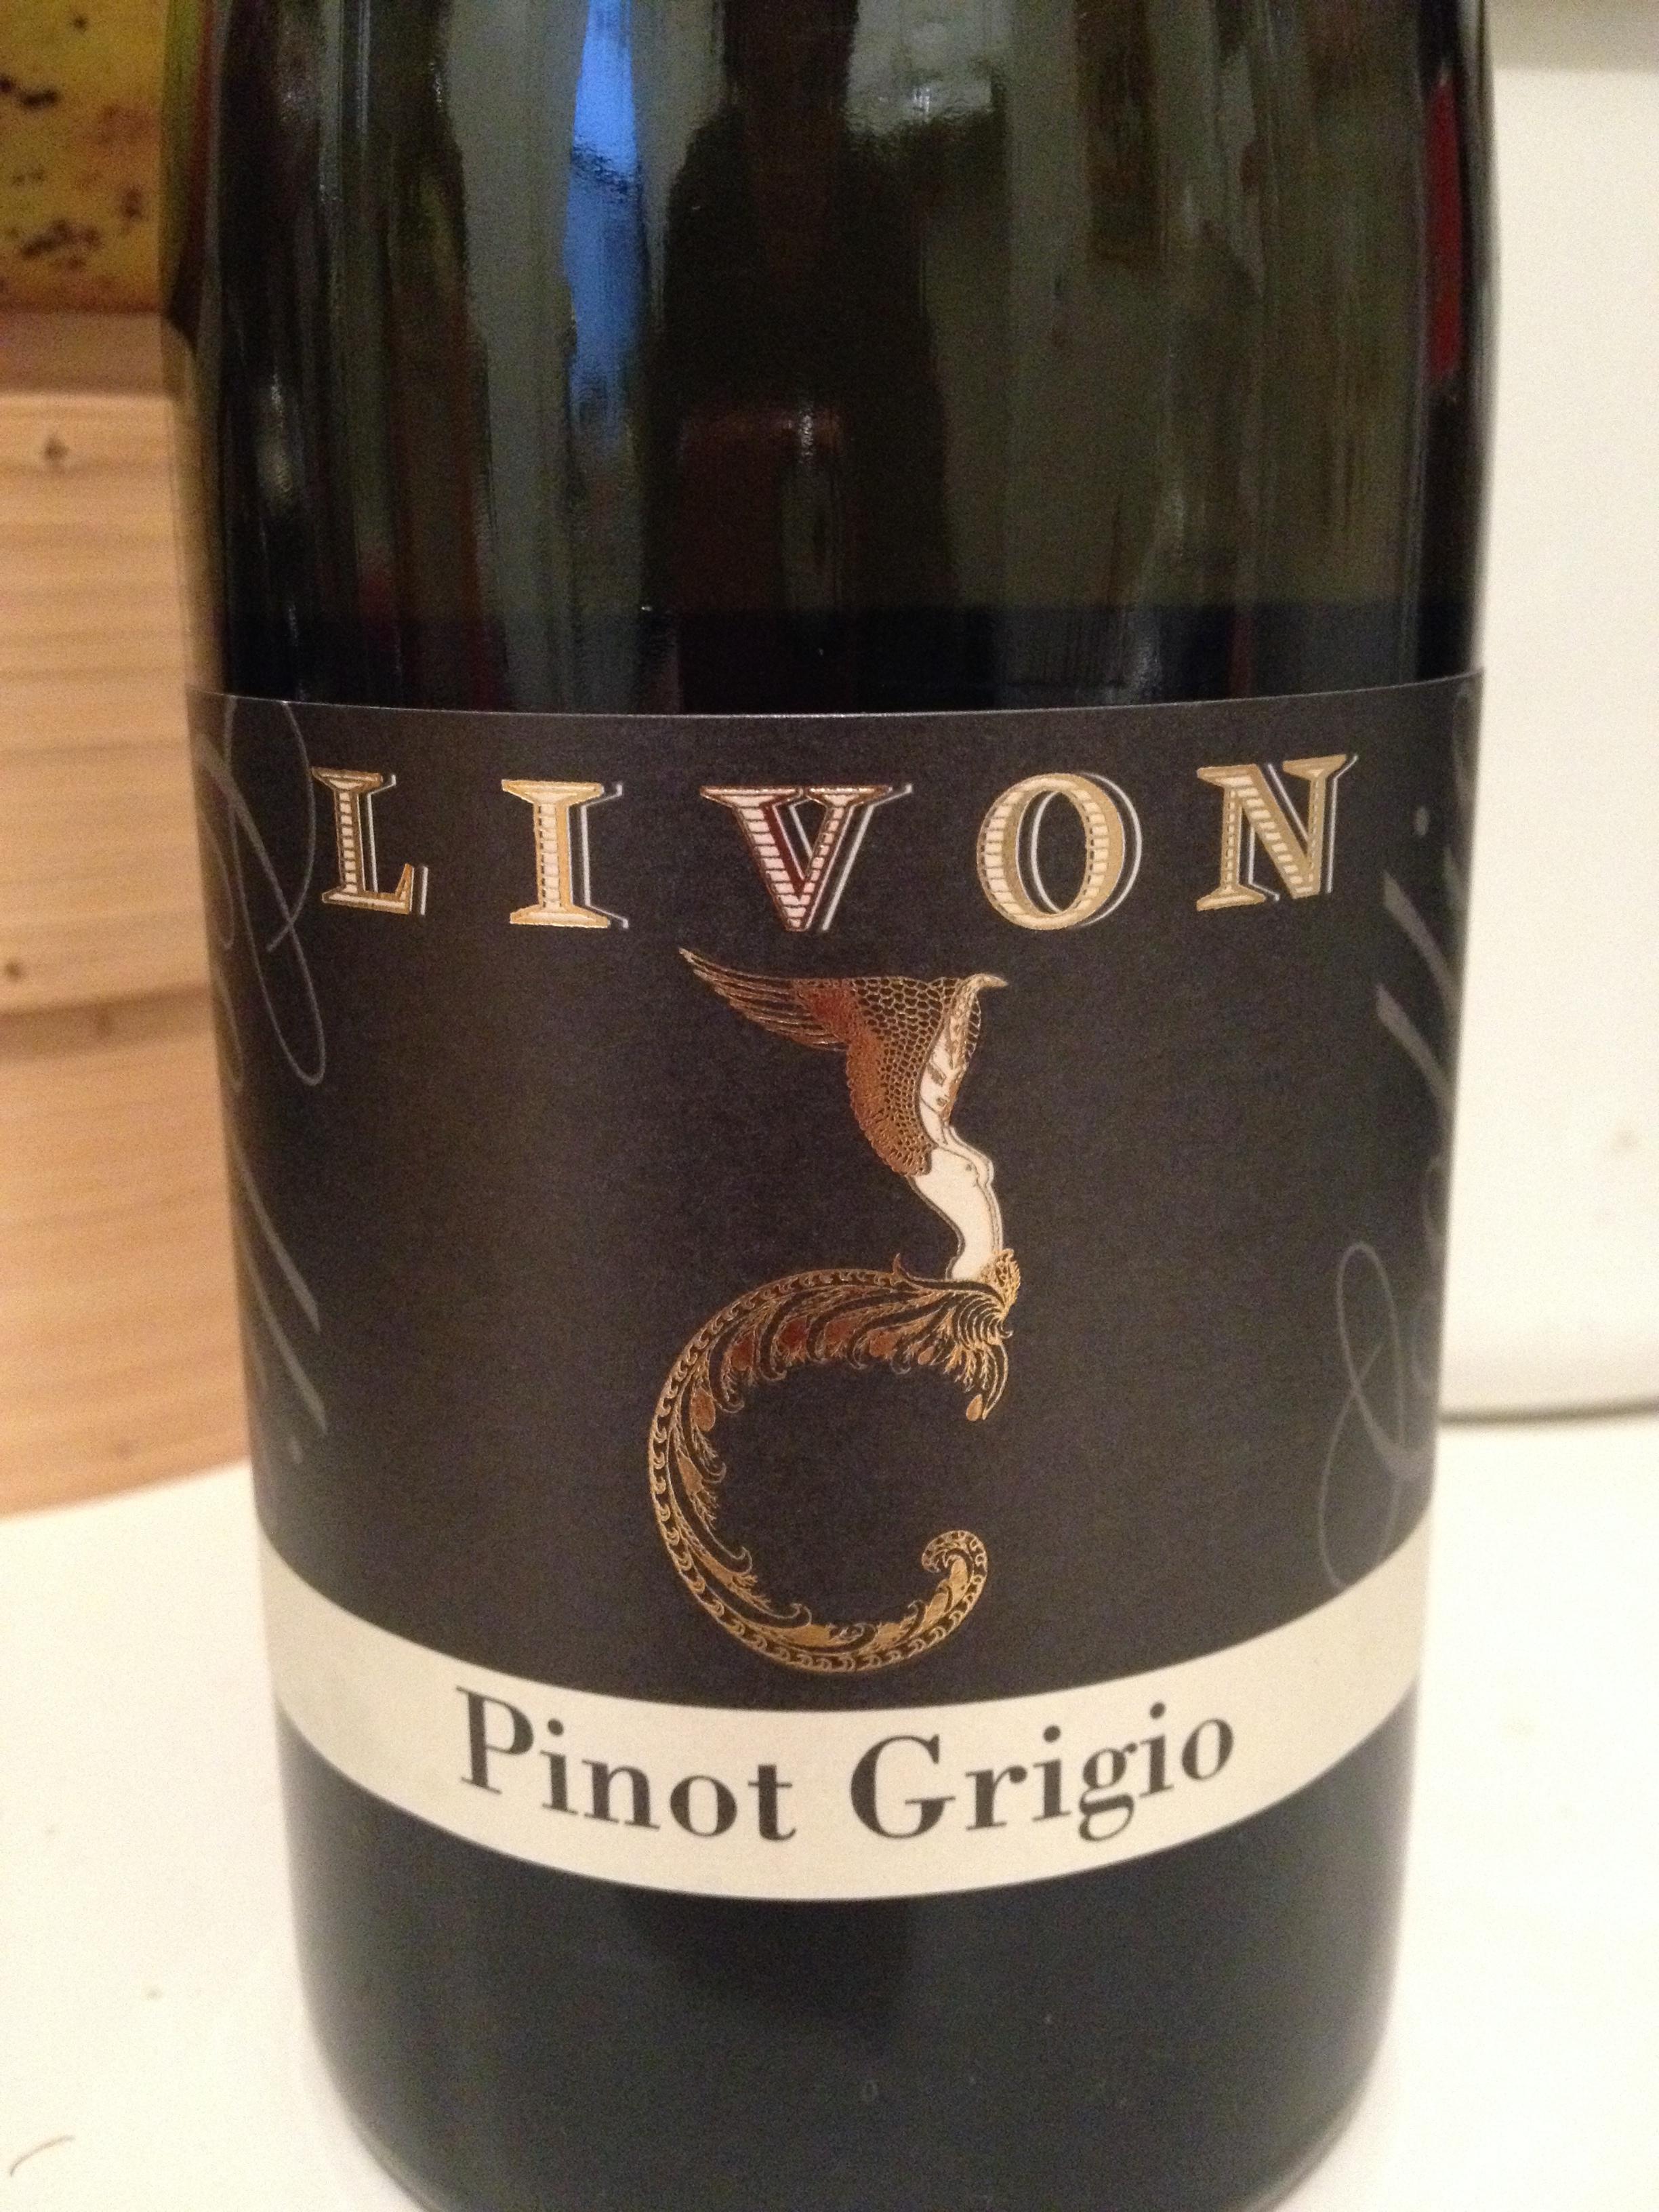 2013 Livon, Pinot Grigio, Friuli-Venezia Giulia, Collio DOC 2